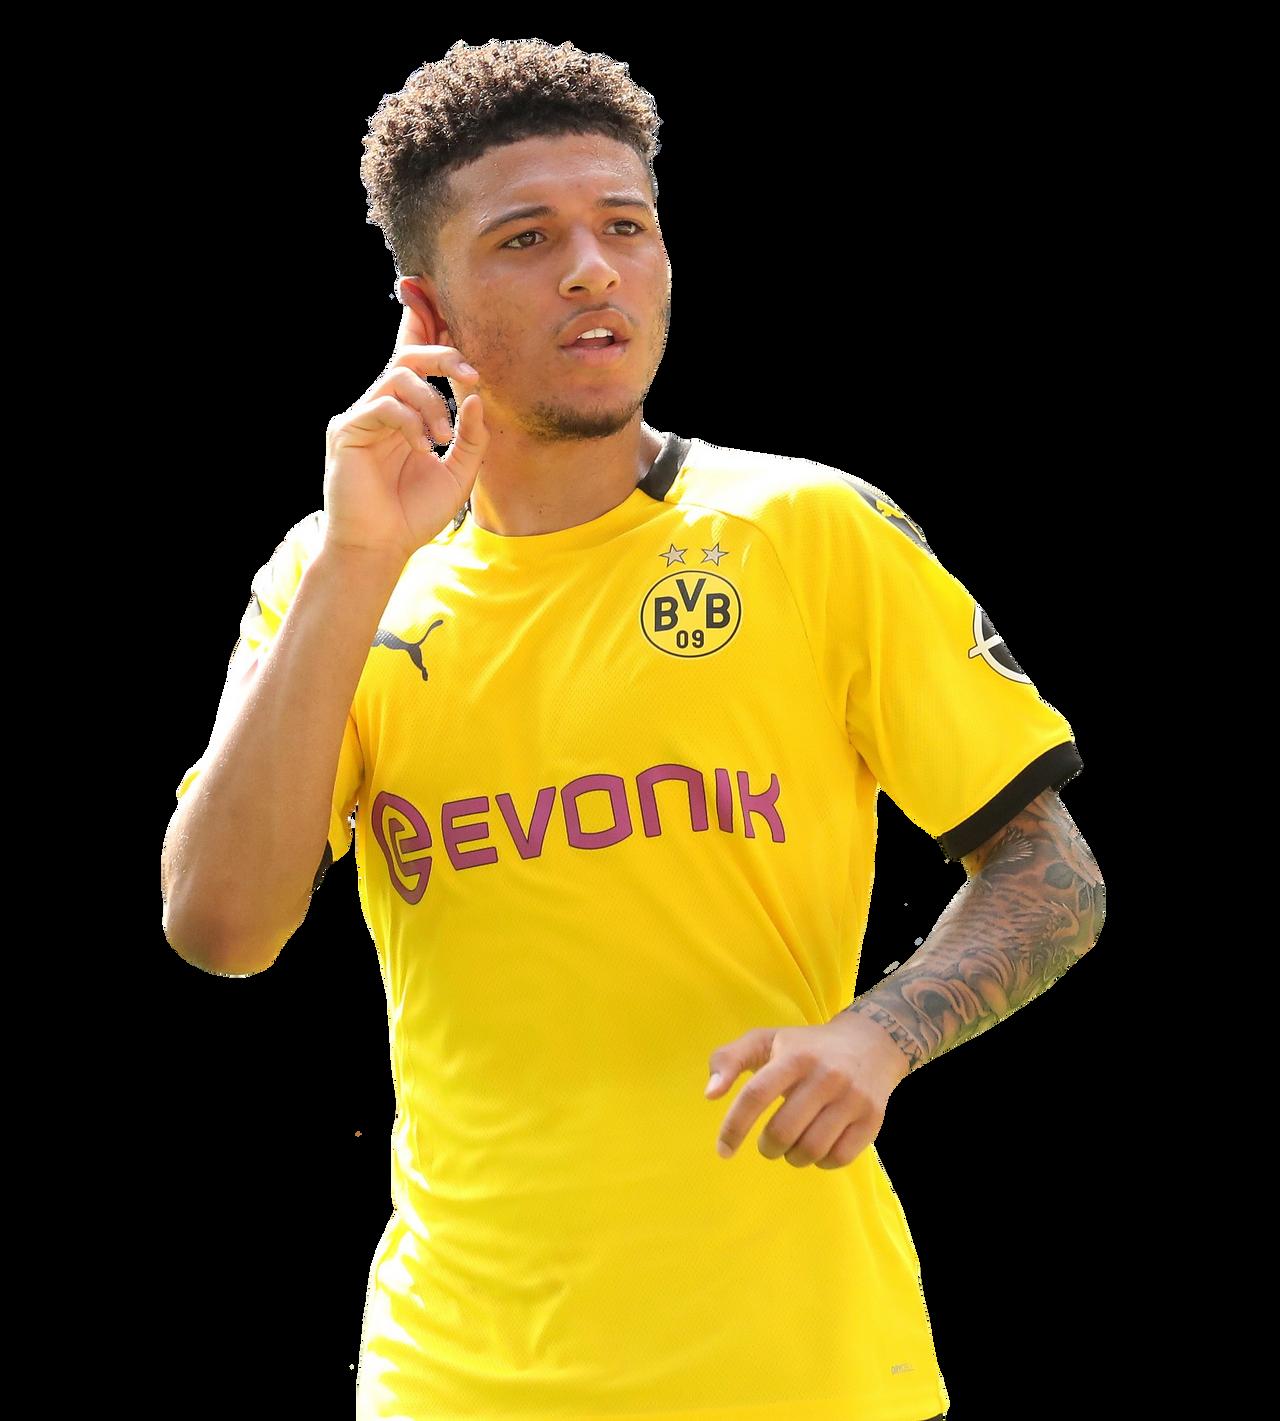 Sancho Render Borussia Dortmund By Tychorenders On Deviantart